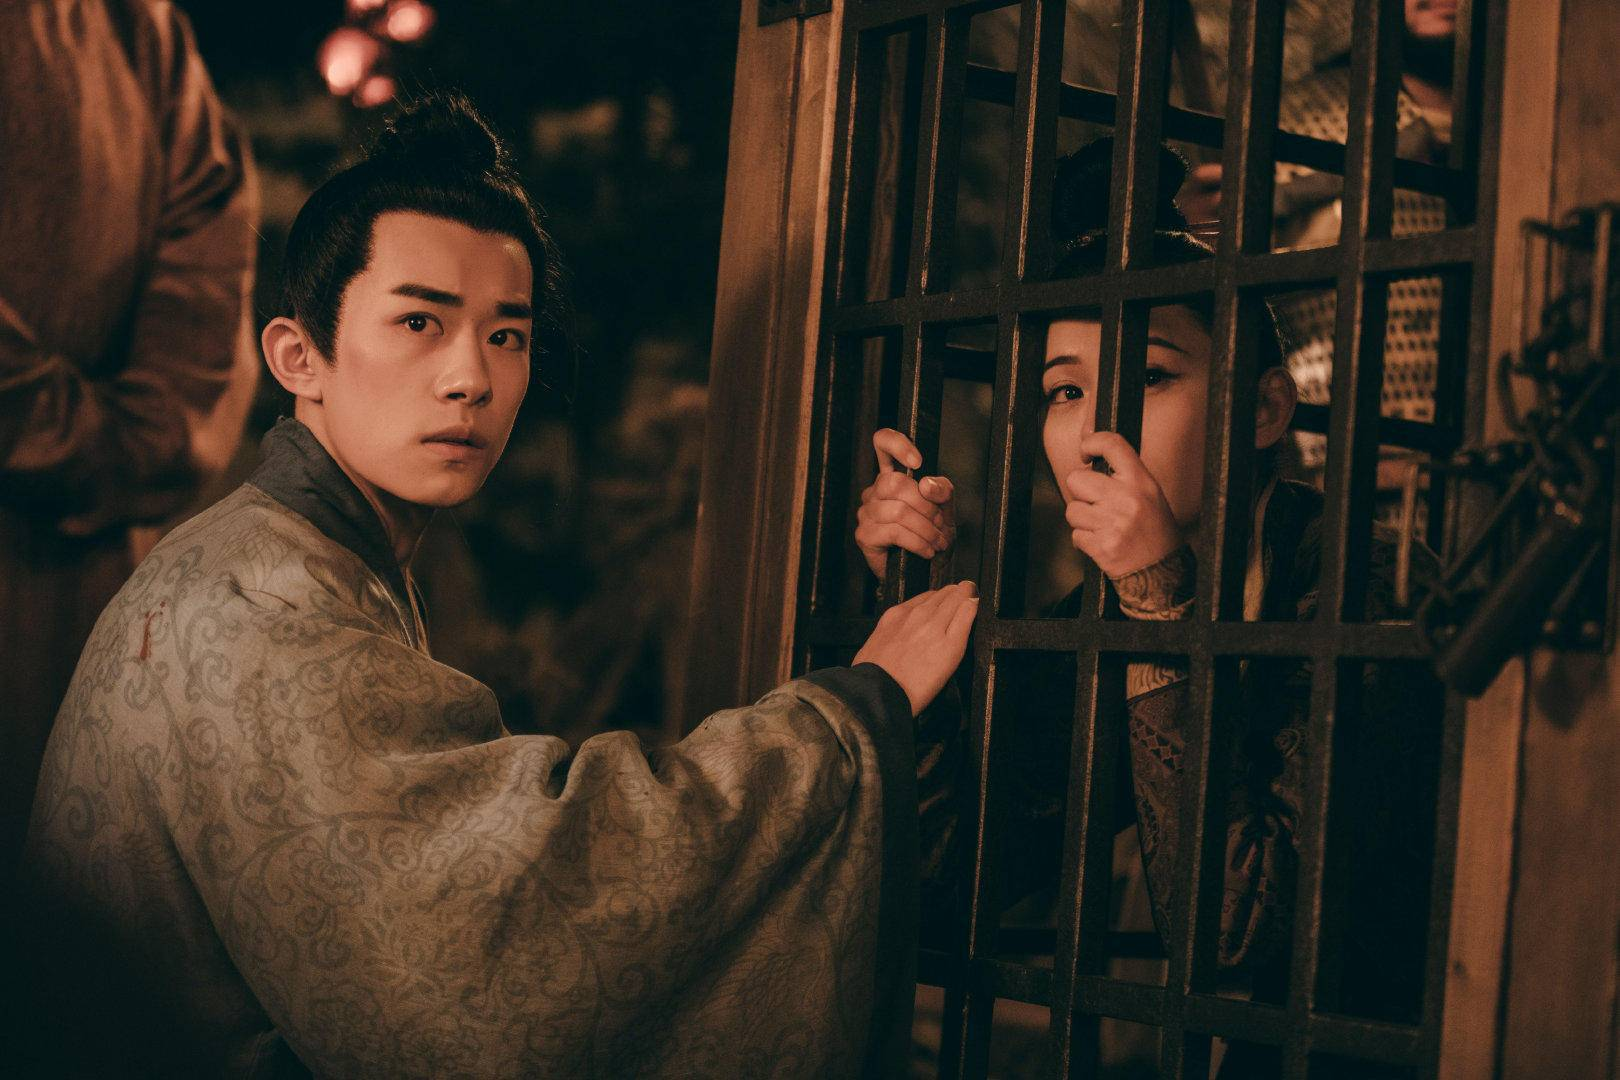 千玺刘昊然新剧好评多,却不如肖战李现热度高,题材成最大阻碍?